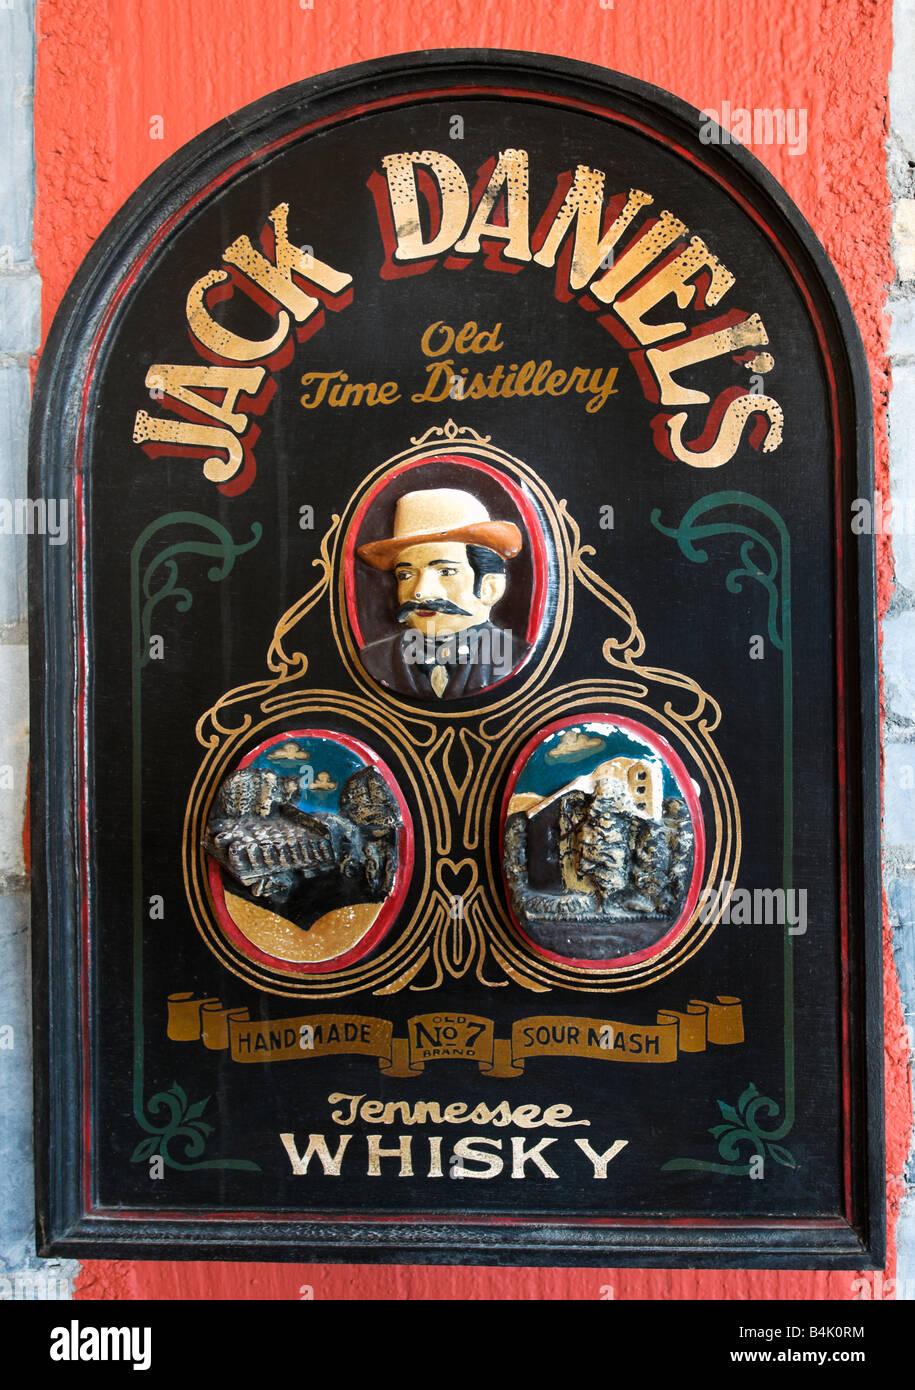 Alte werbung f r jack daniels bourbon whisky an der wand - Abdeckung fur heizungsrohre an der wand ...